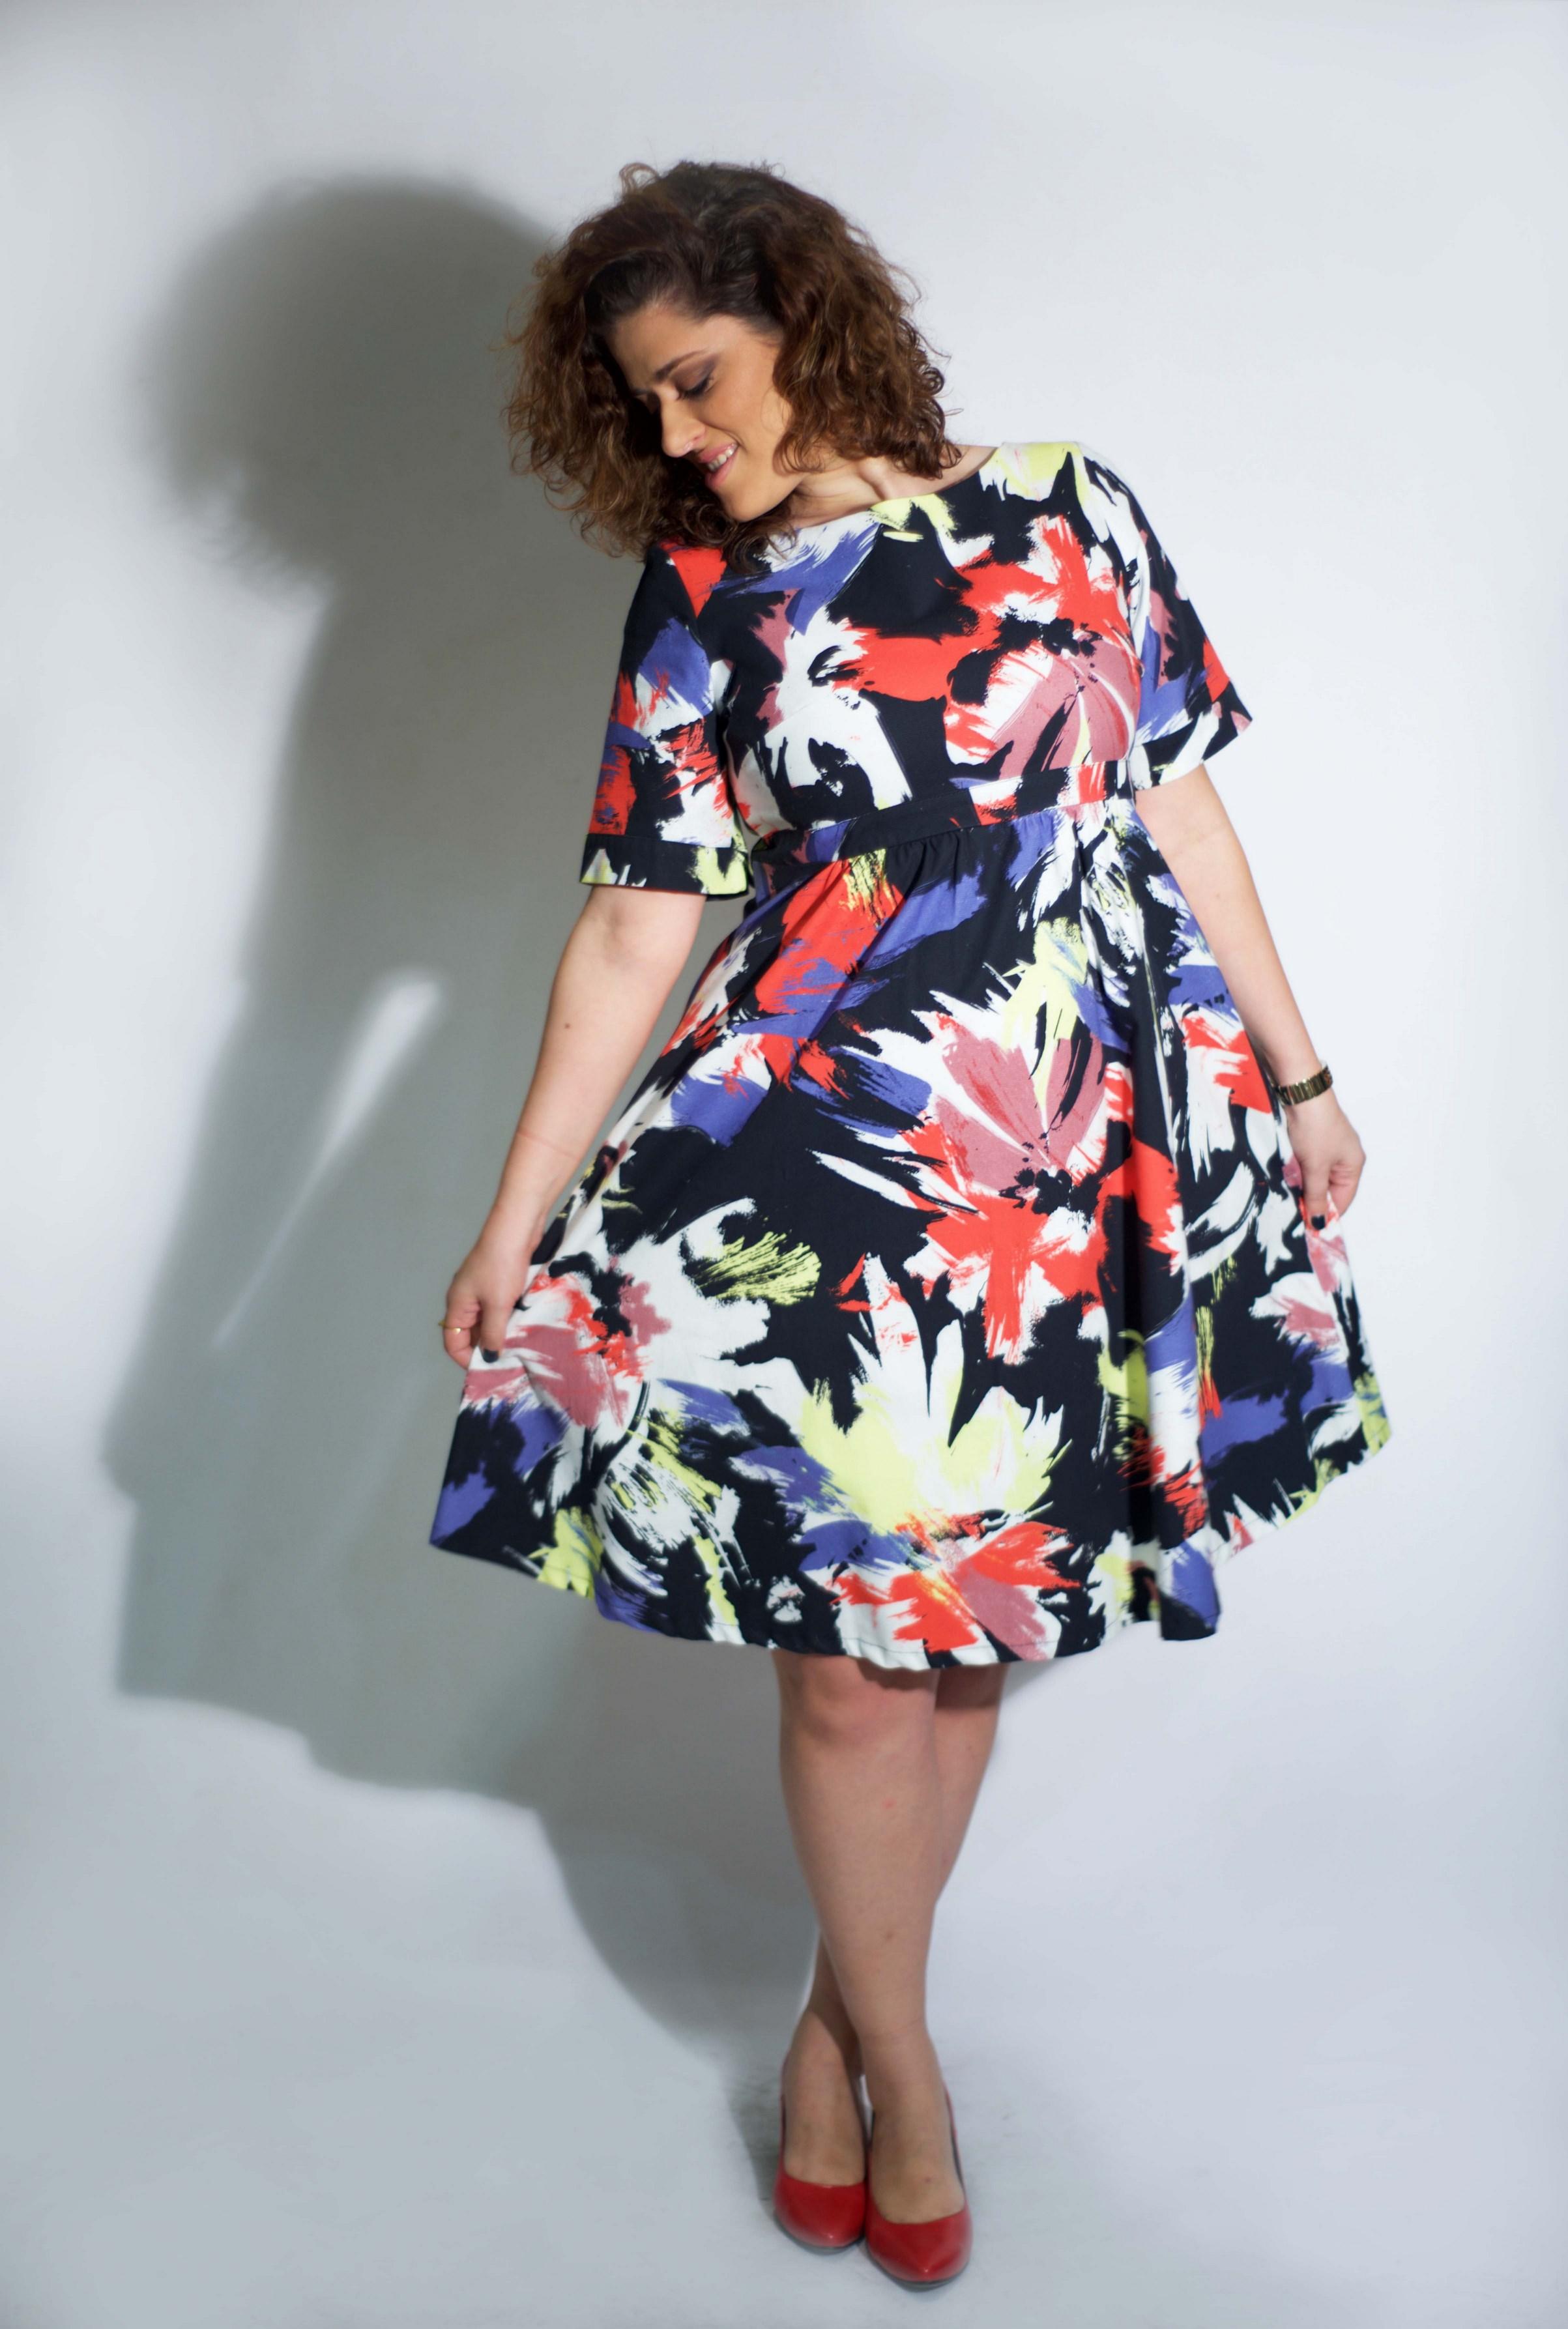 שרון בלום מדגמנת שמלהשל המעצבת טלי אימבר.  במכירה הגדולה רק 299 שח. בית טפר תל גיבורים 5 תא צילום מאיה שוהם (Copy).jpg